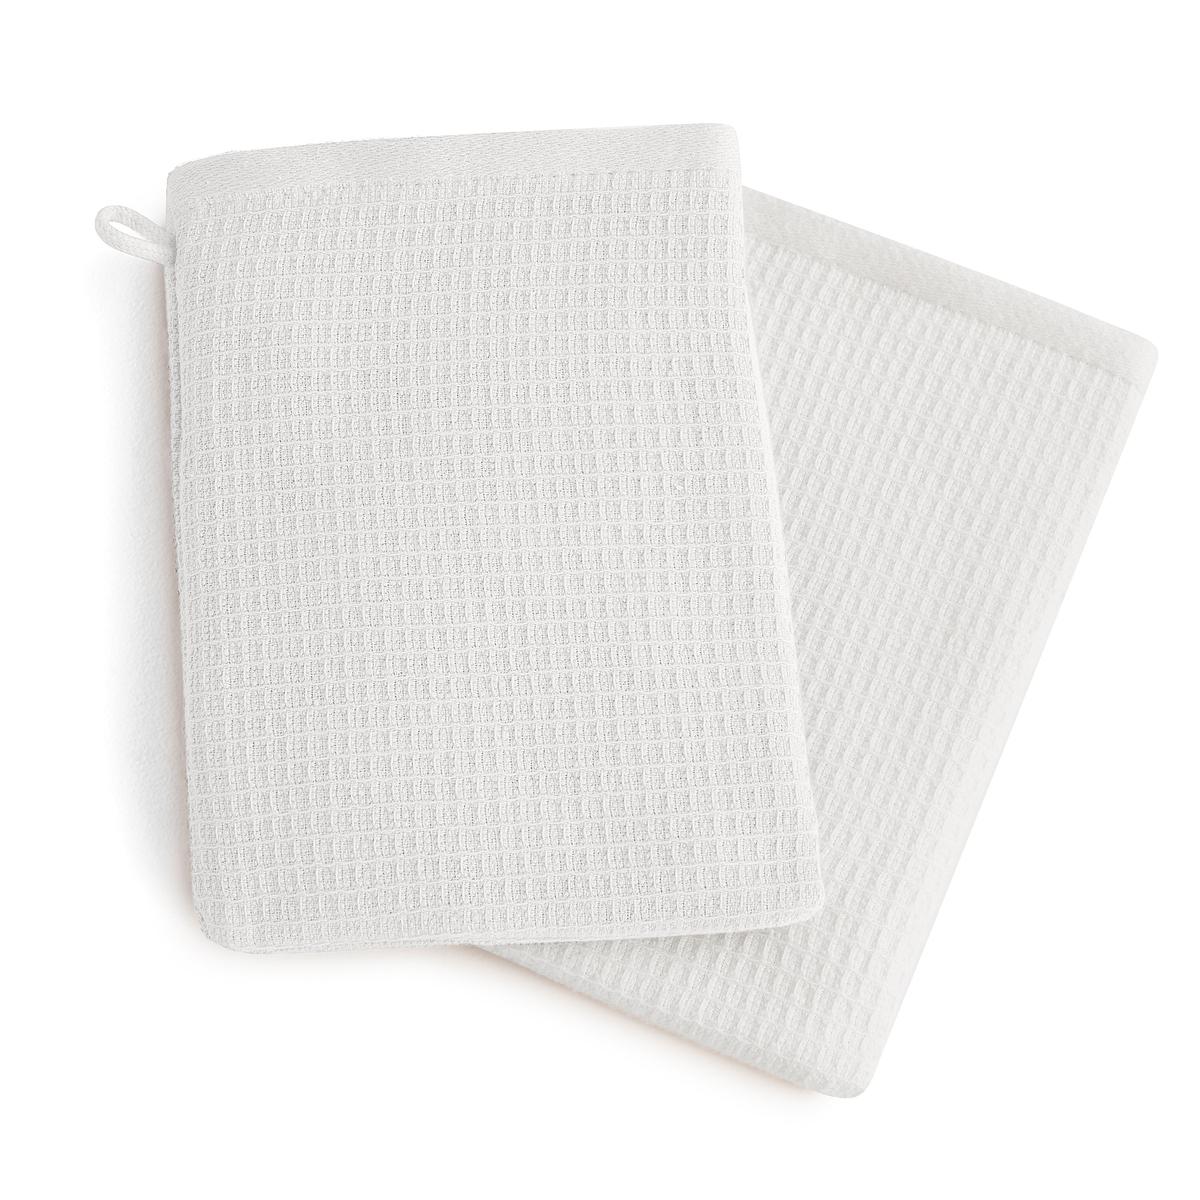 Комплект из 2 банных рукавичек из хлопка и льна Nipaly куртка на молнии из хлопка льна